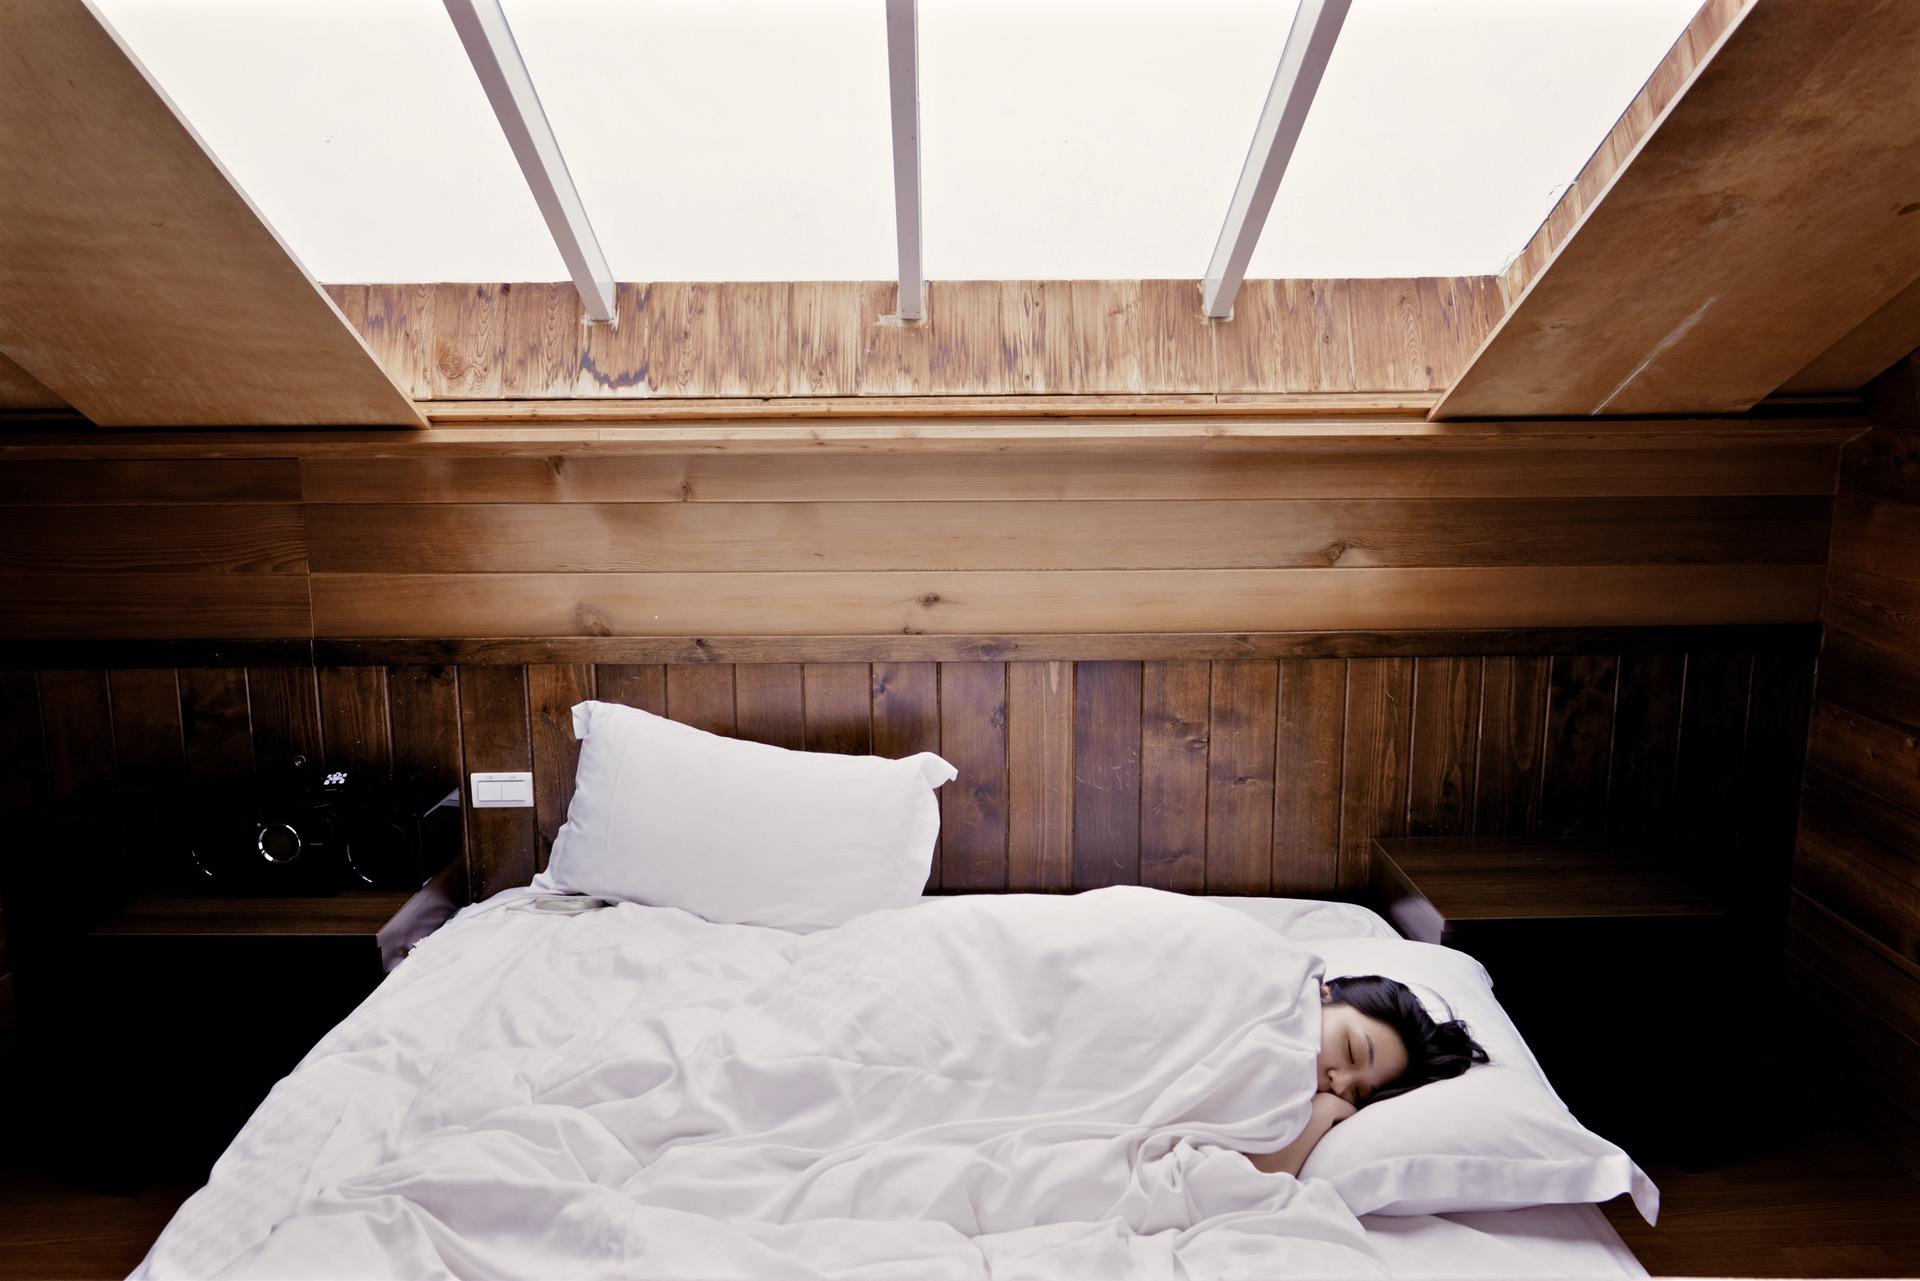 pessoa dormindo em uma cama com lençóis brancos